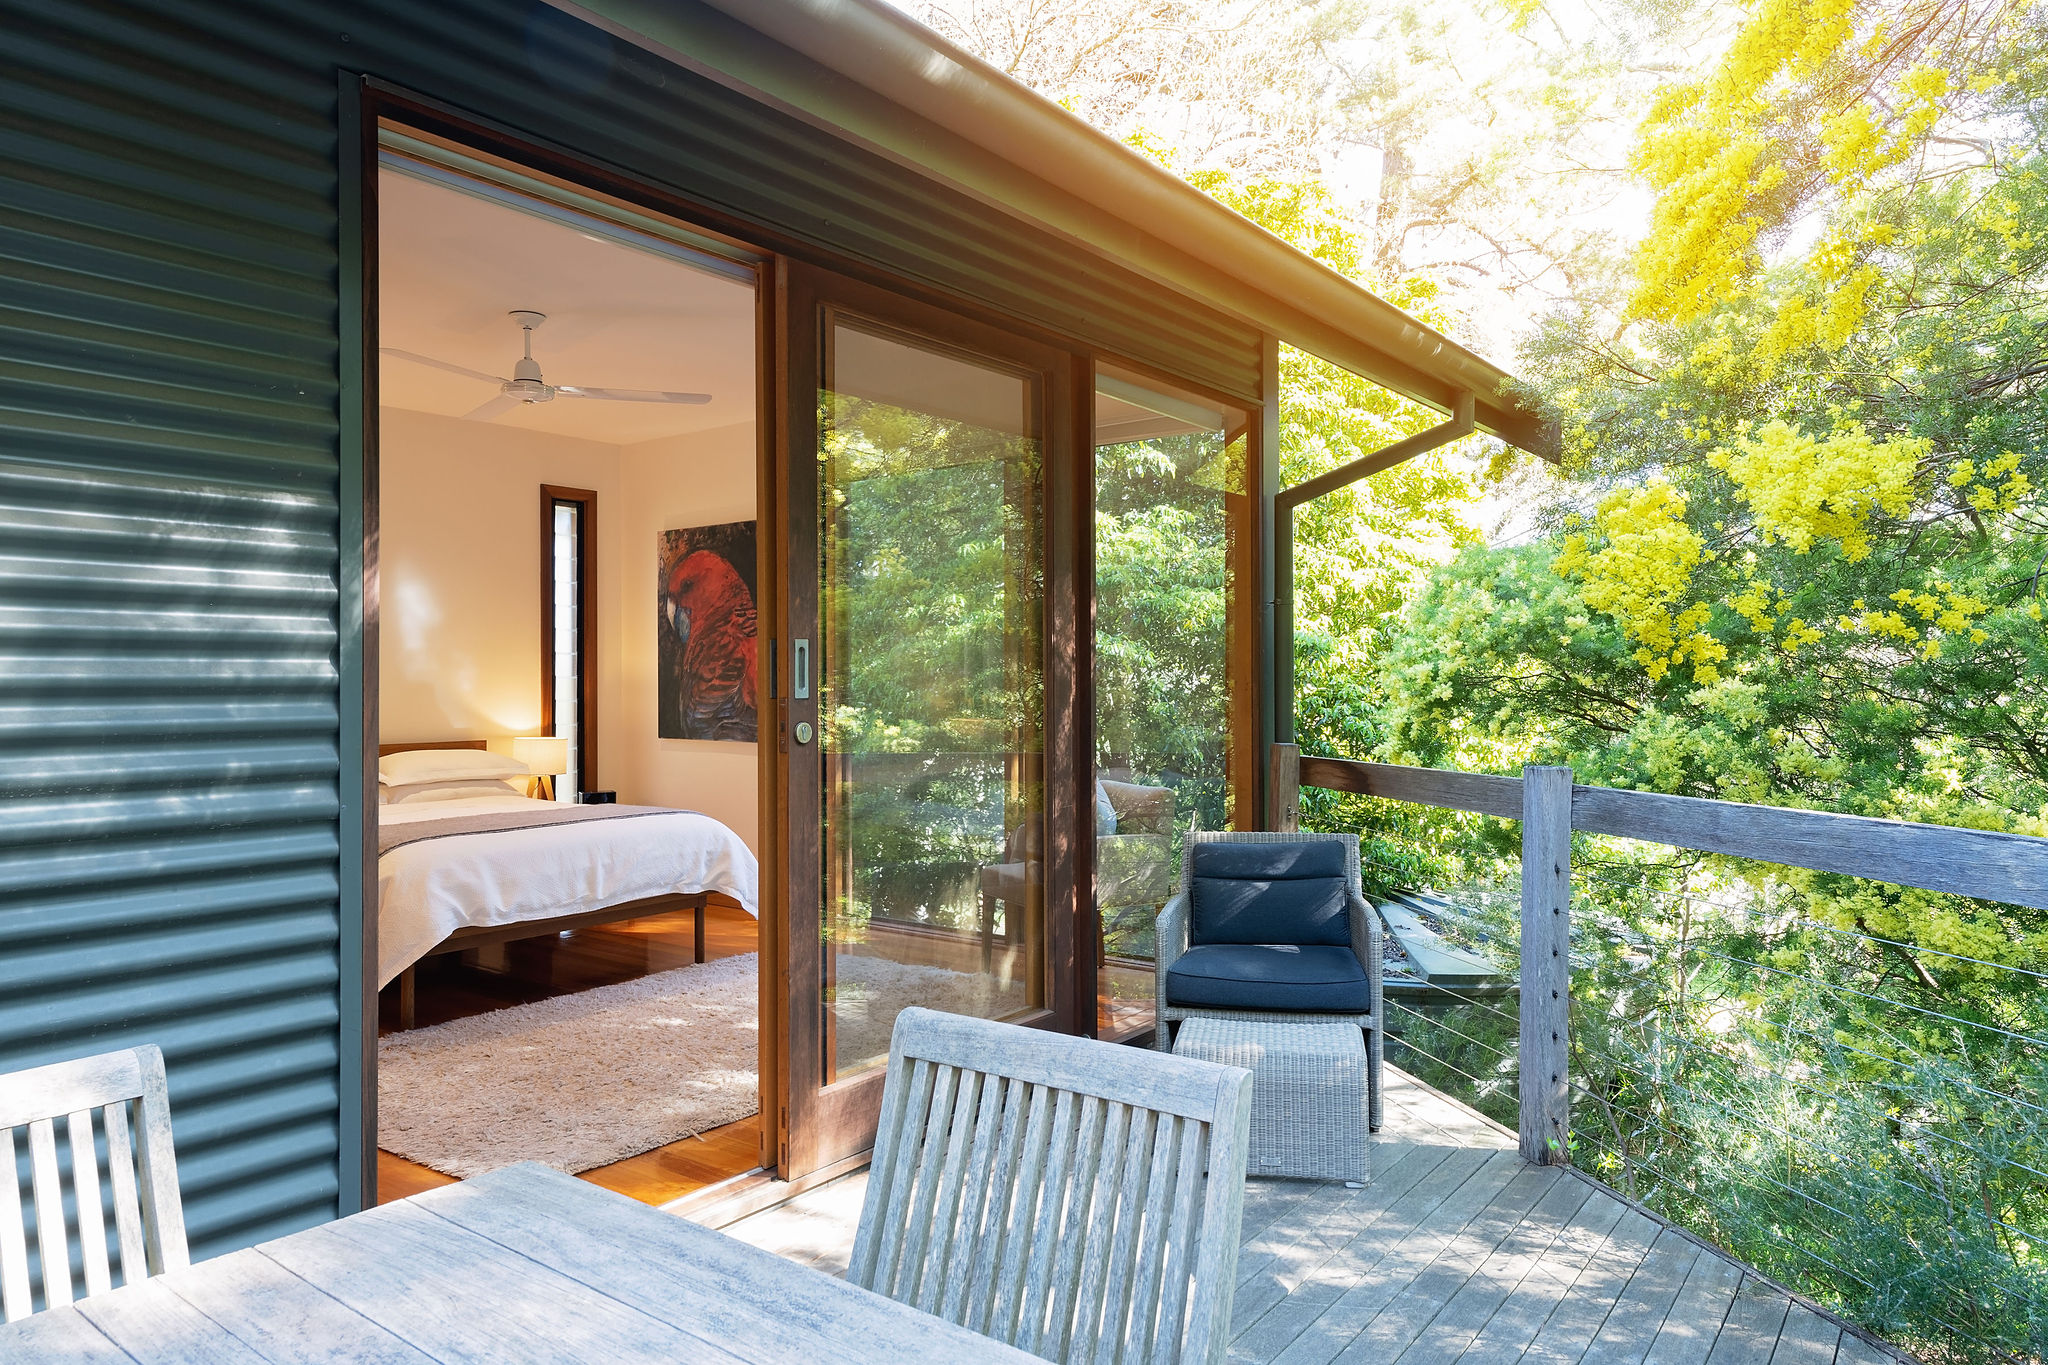 dunes deck to bedroom